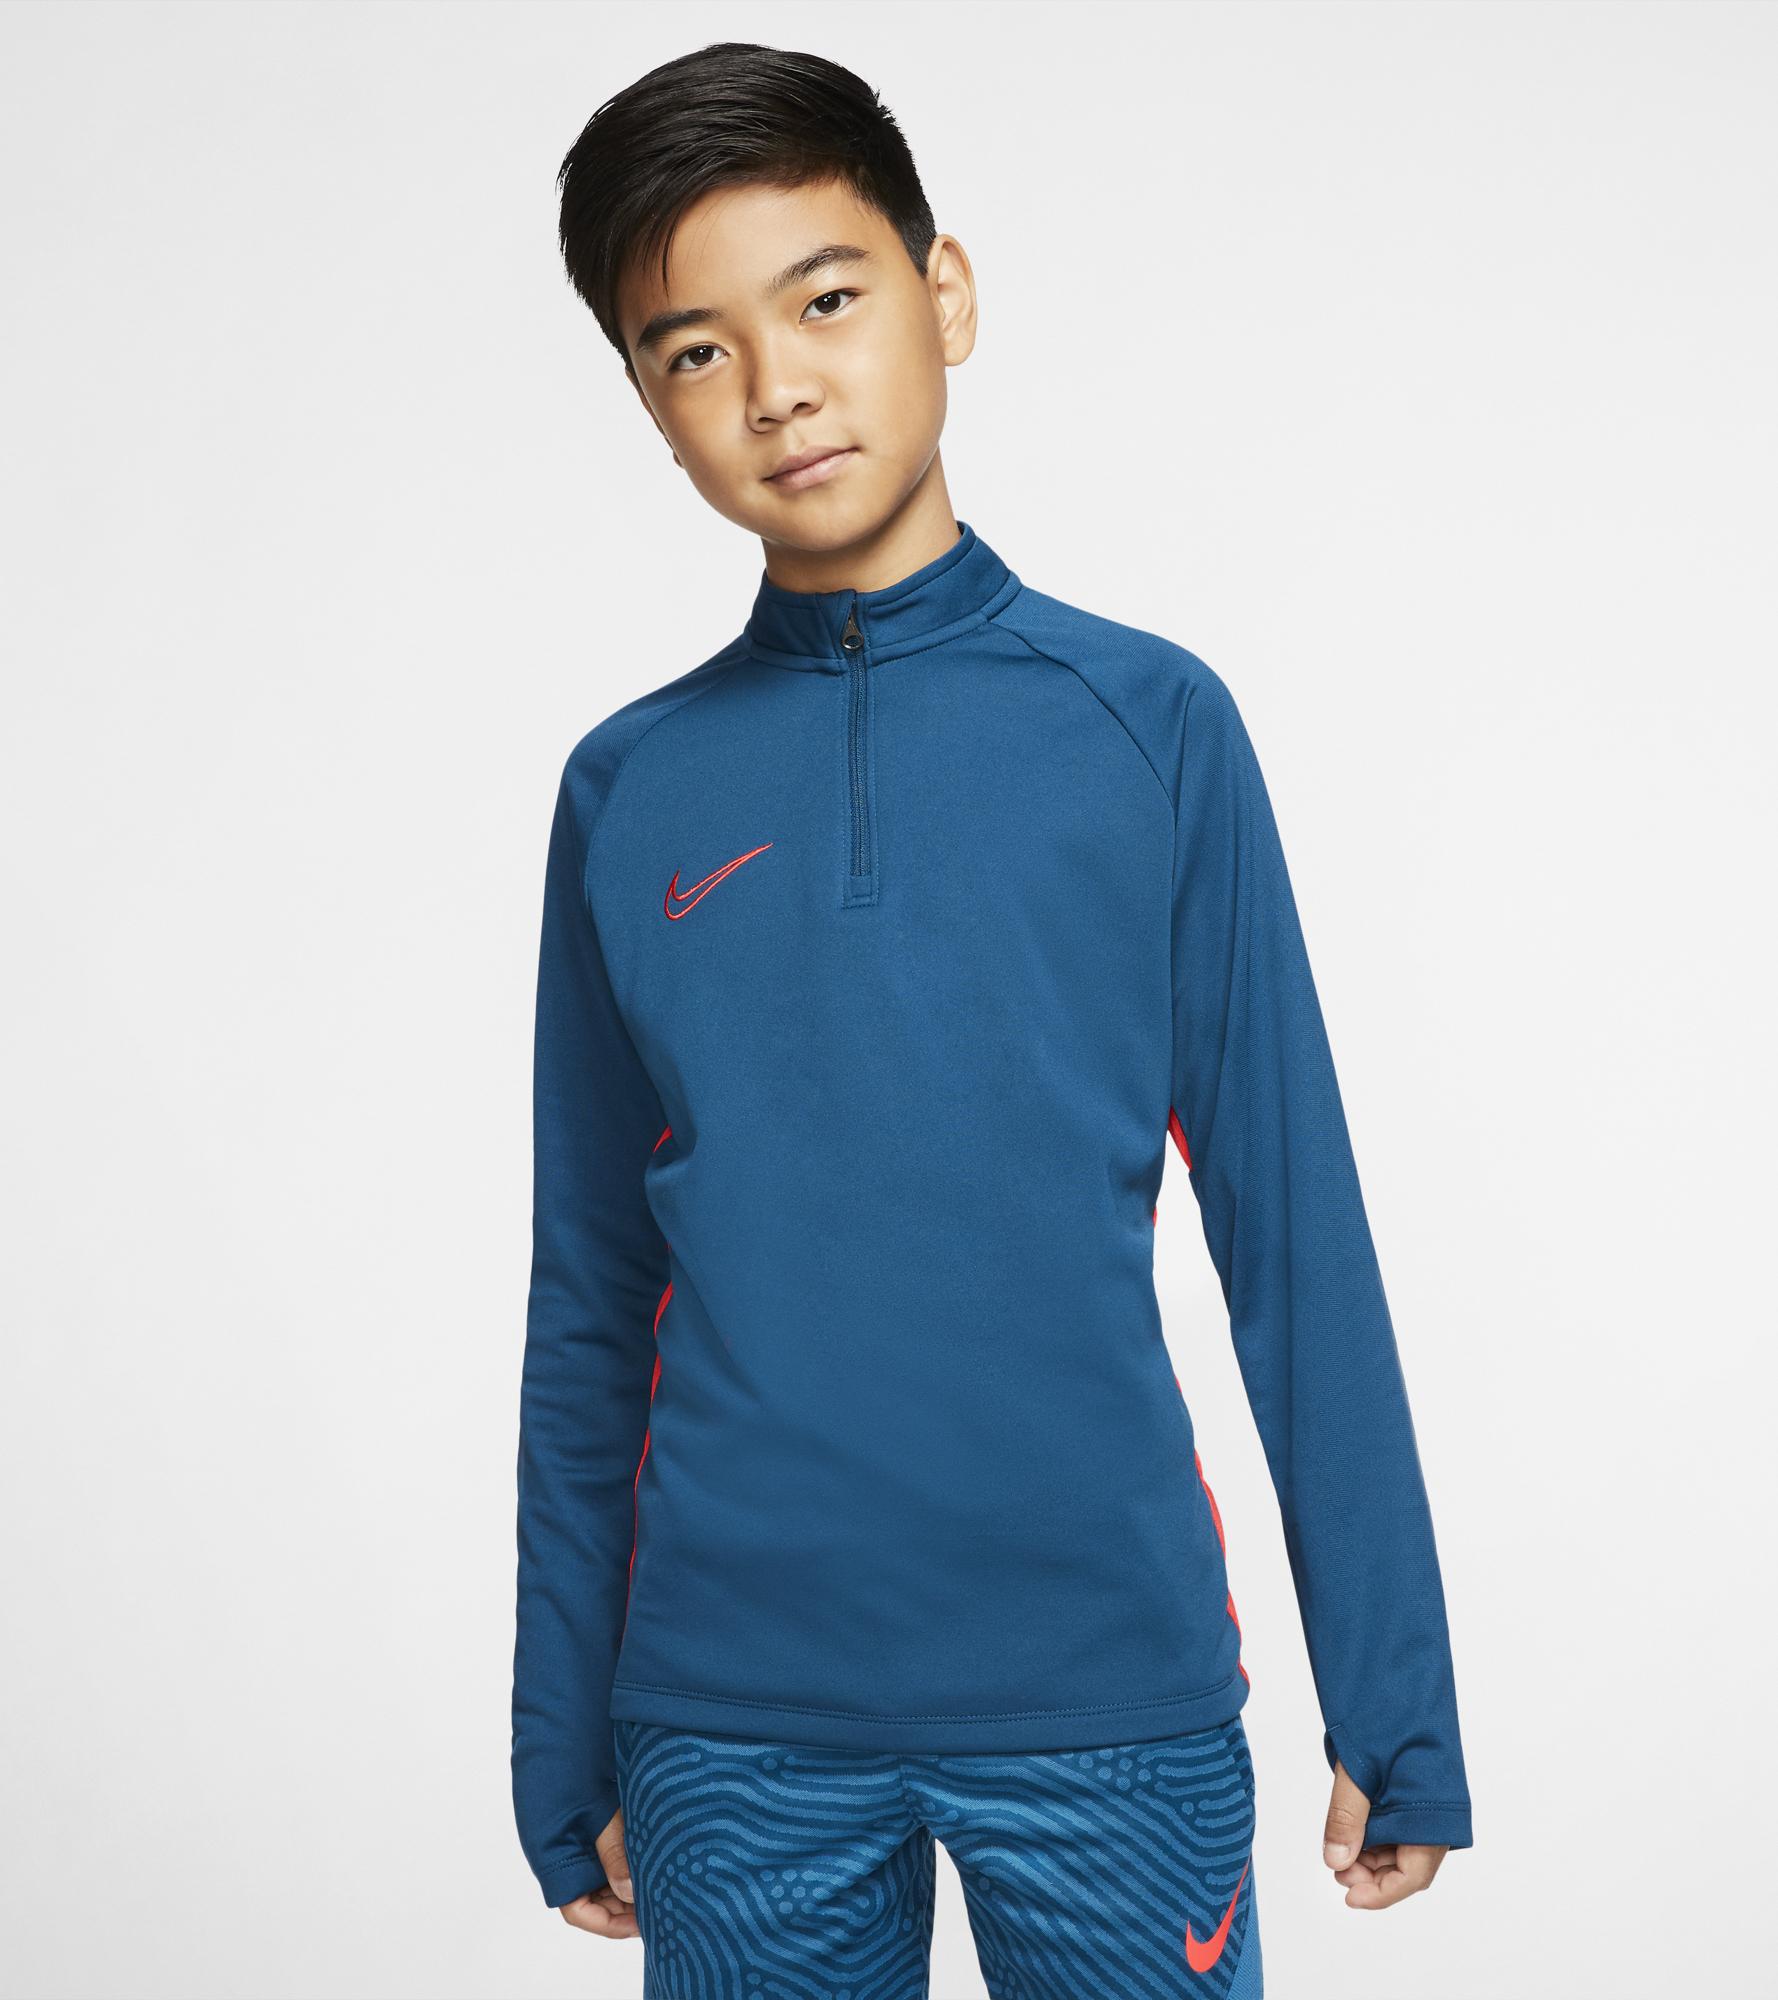 Nike Олимпийка для мальчиков Nike Dri-FIT Academy, размер 137-147 цена